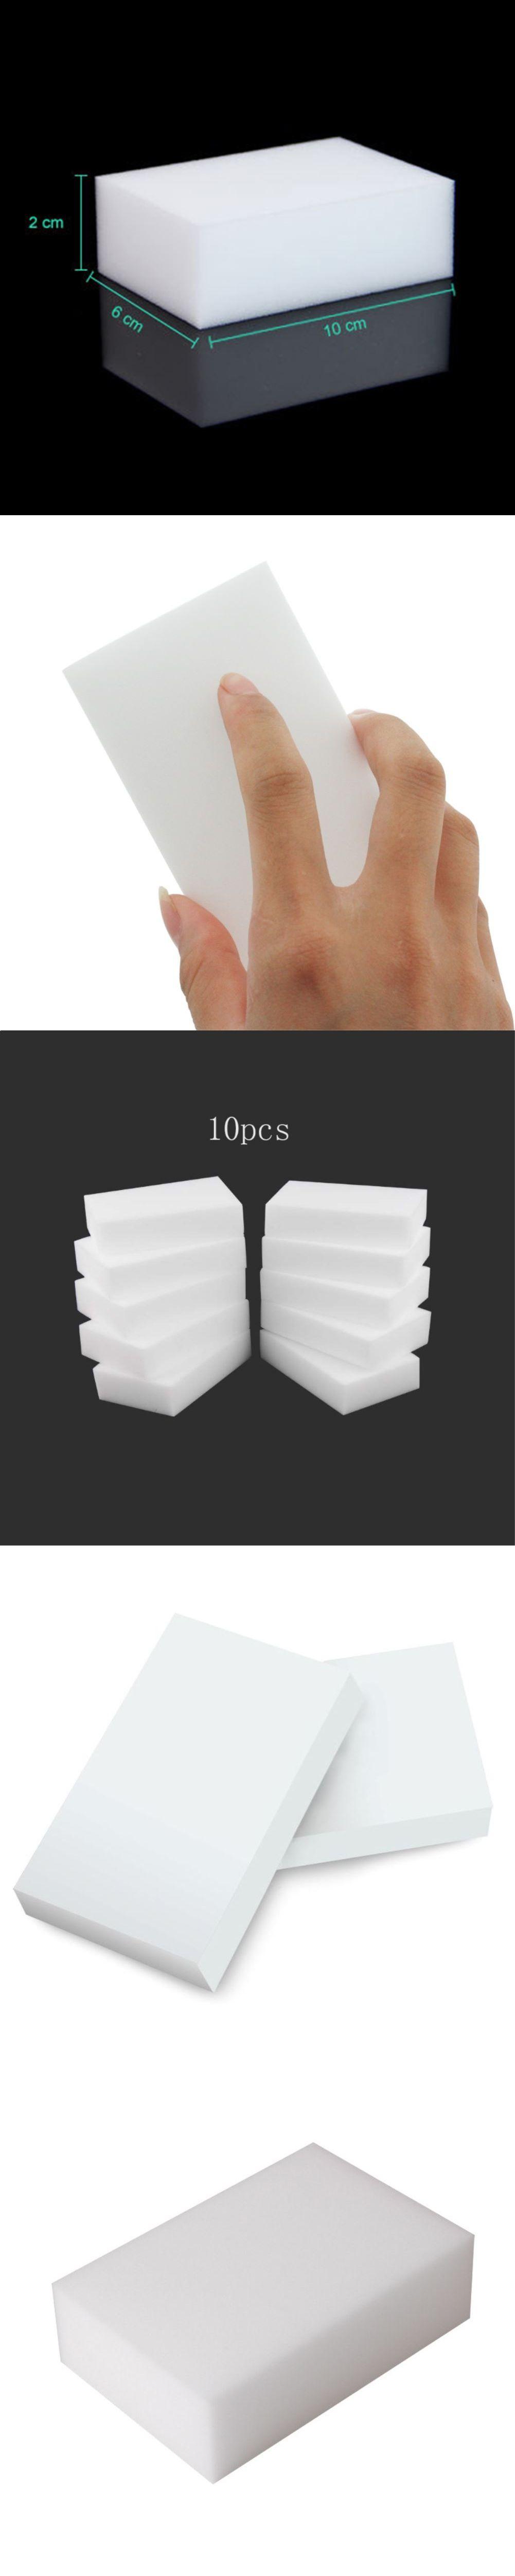 10pcs/lot High Density White Magic Sponge For Household Cleaning ...